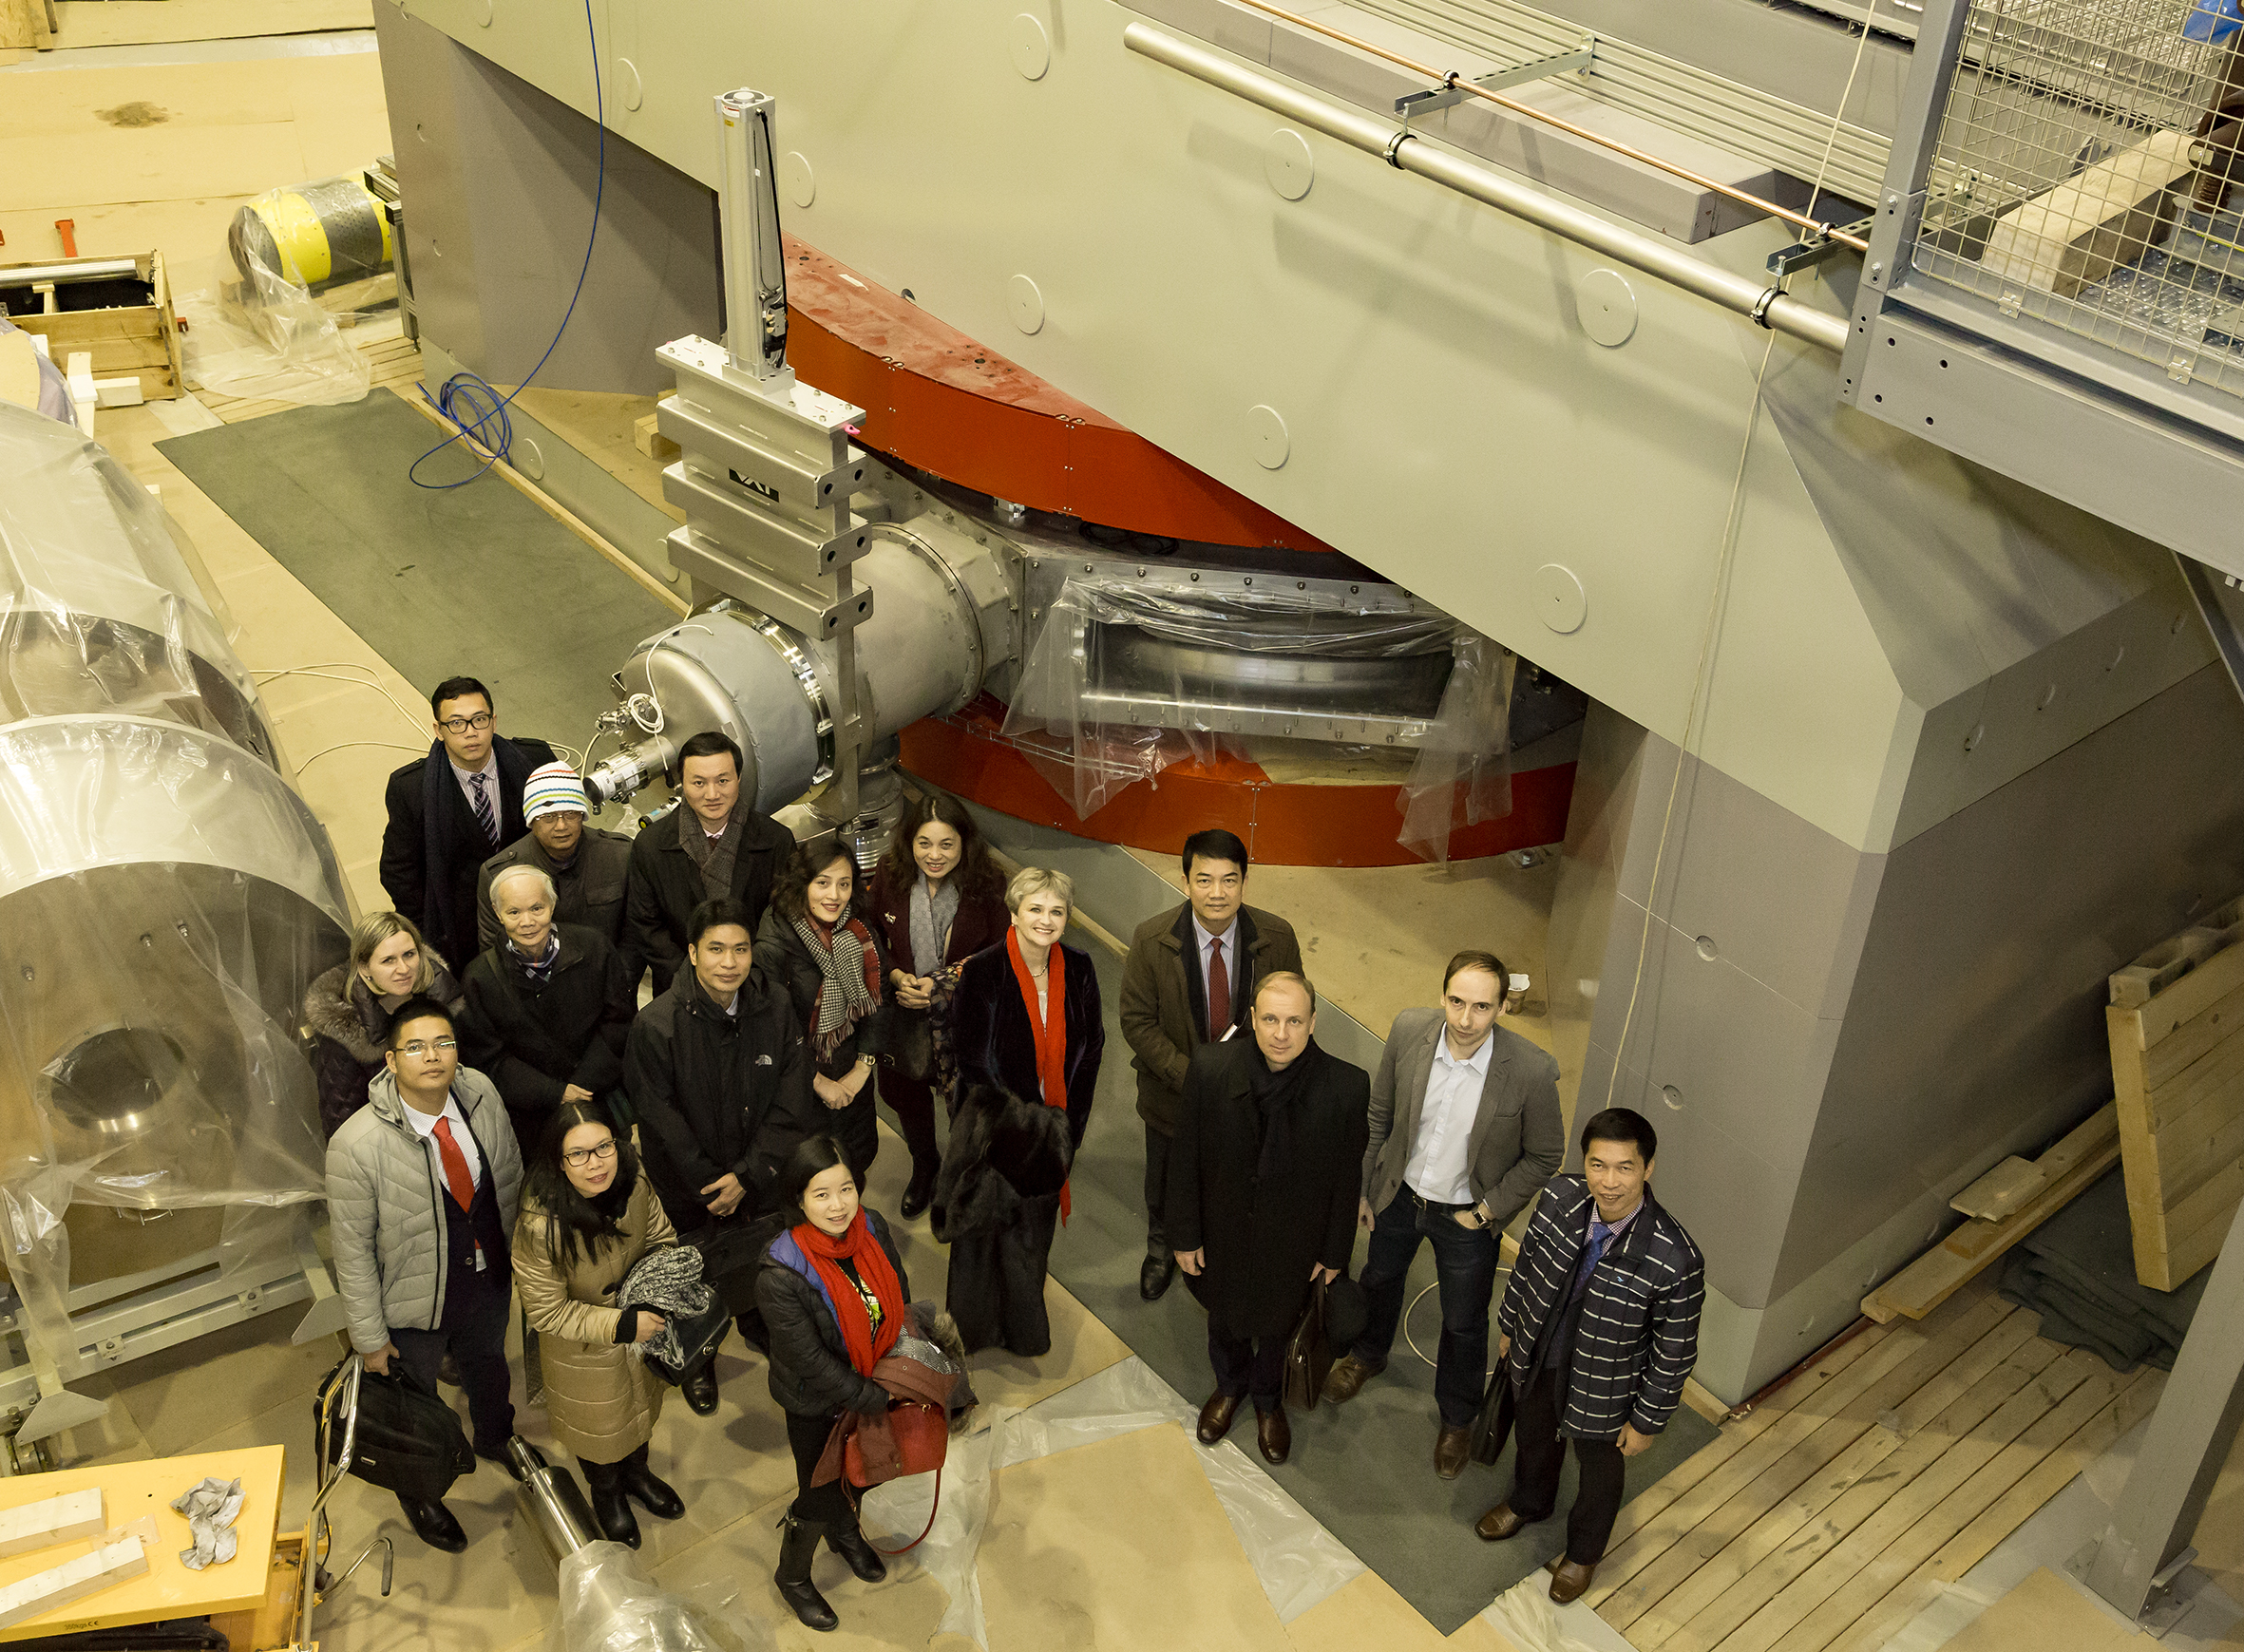 Đoàn cán bộ của VINATOM làm việc về kế hoạch hợp tác trong đào tạo nhân lực với Viện Liên hợp hạt nhân Dubna (Nga). Nguồn: JIRN